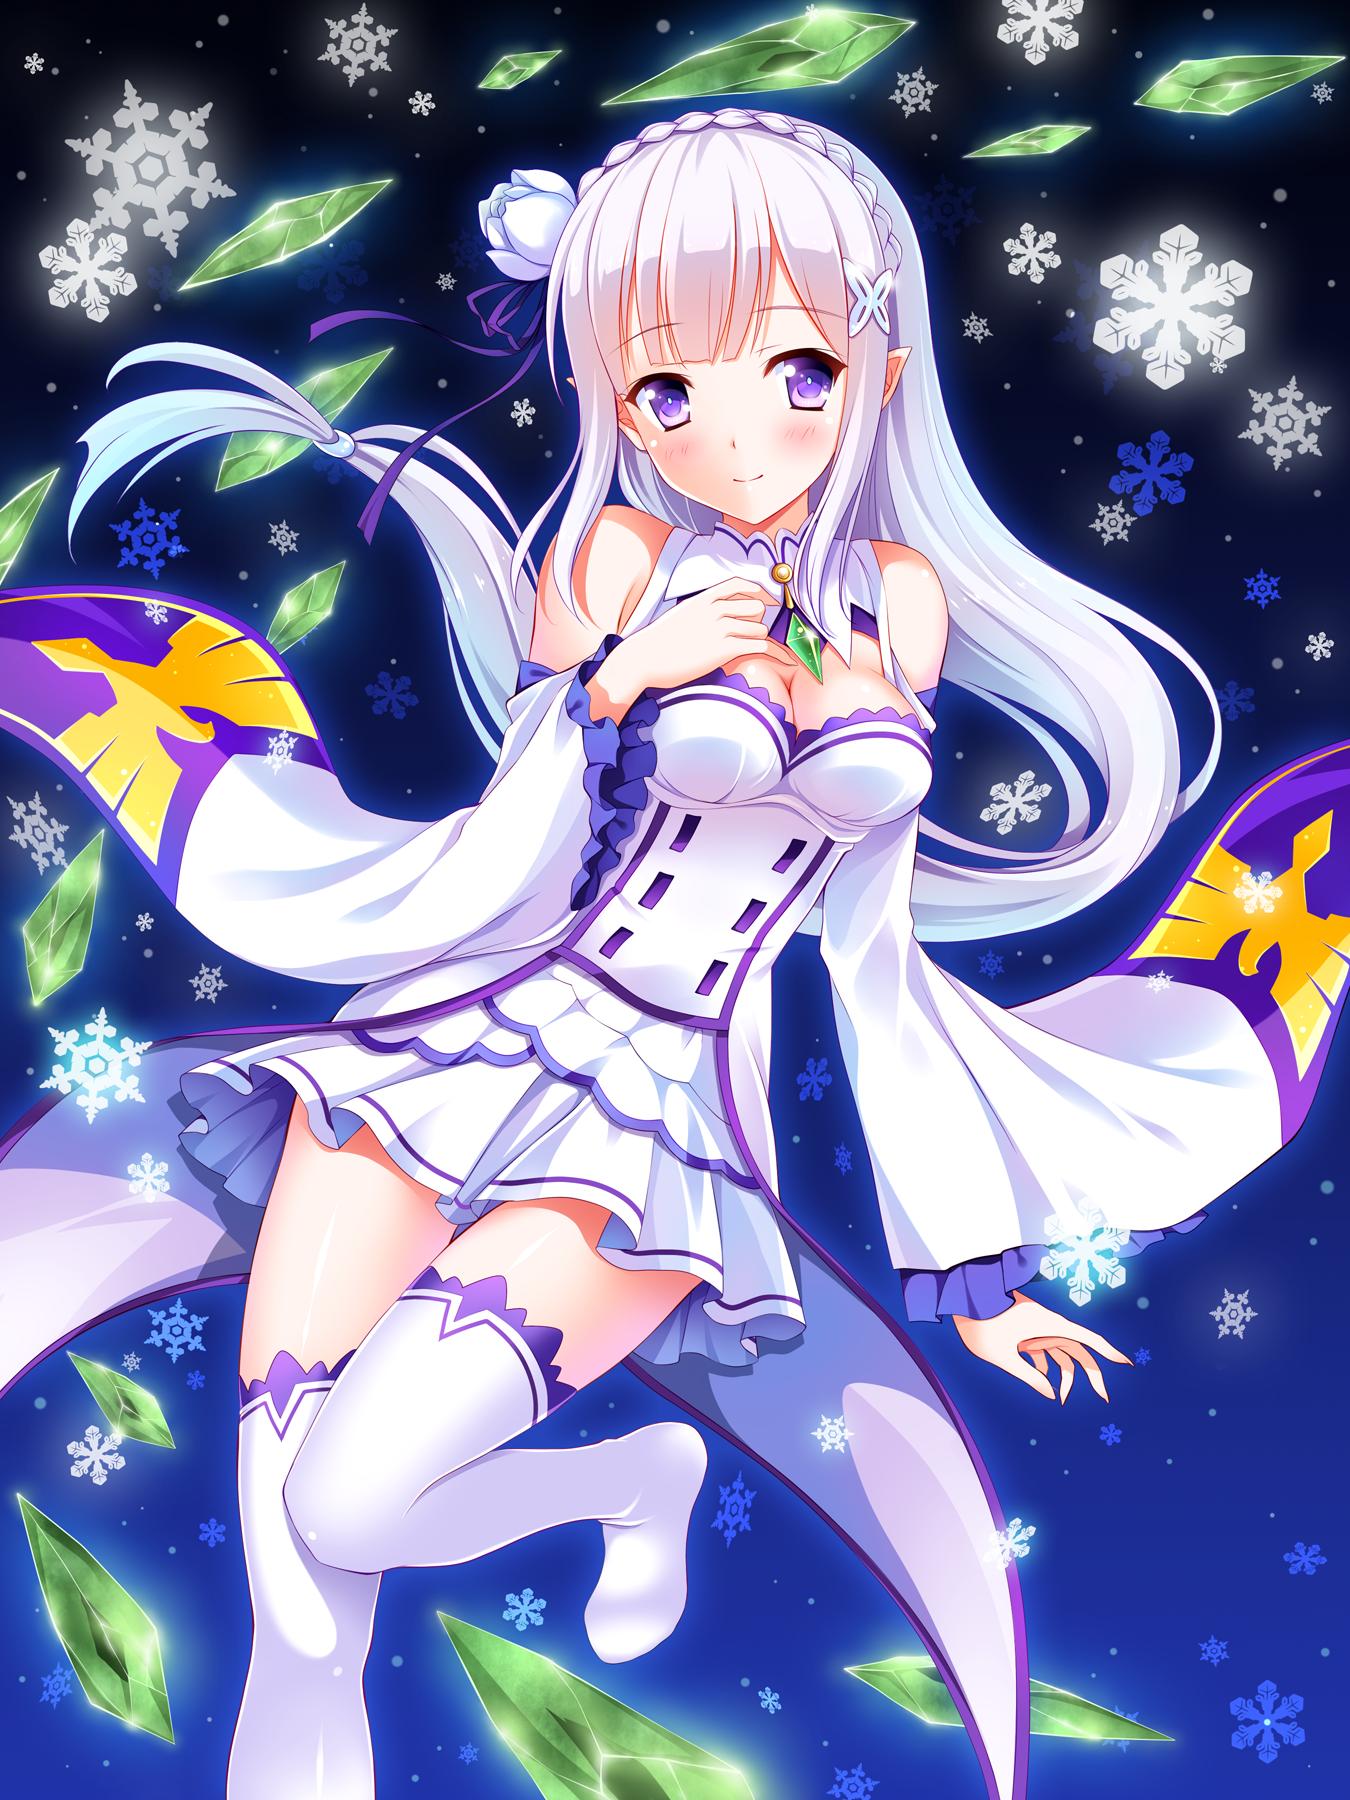 Hình nền : Anime cô gái, Re Zero Kara Hajimeru Isekai Seikatsu ...